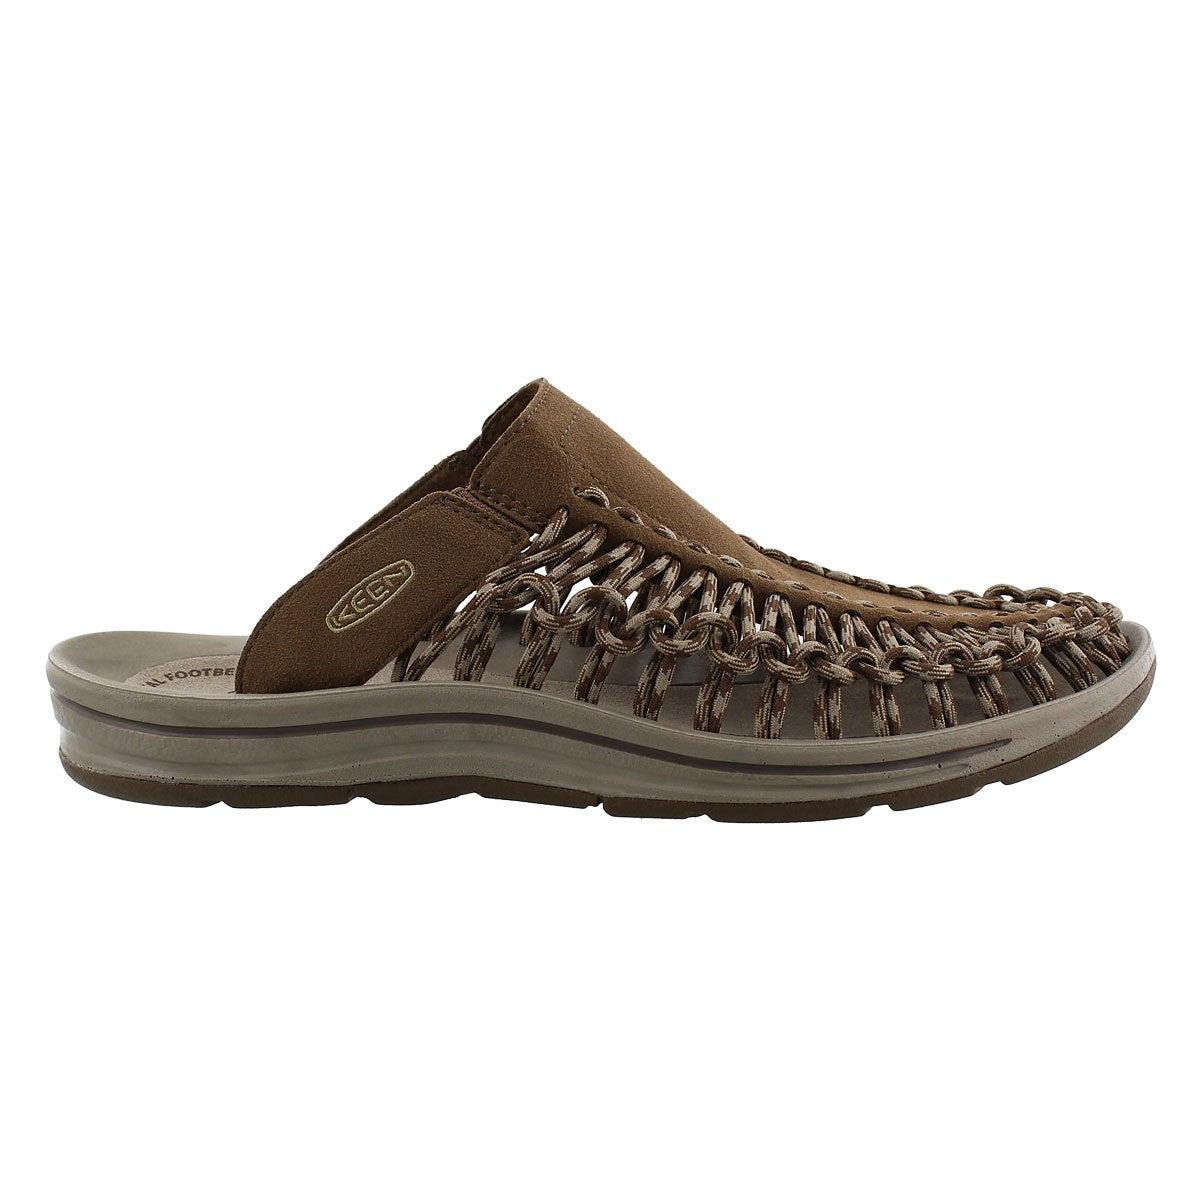 Mns Uneek Slide dk earth casual sandal